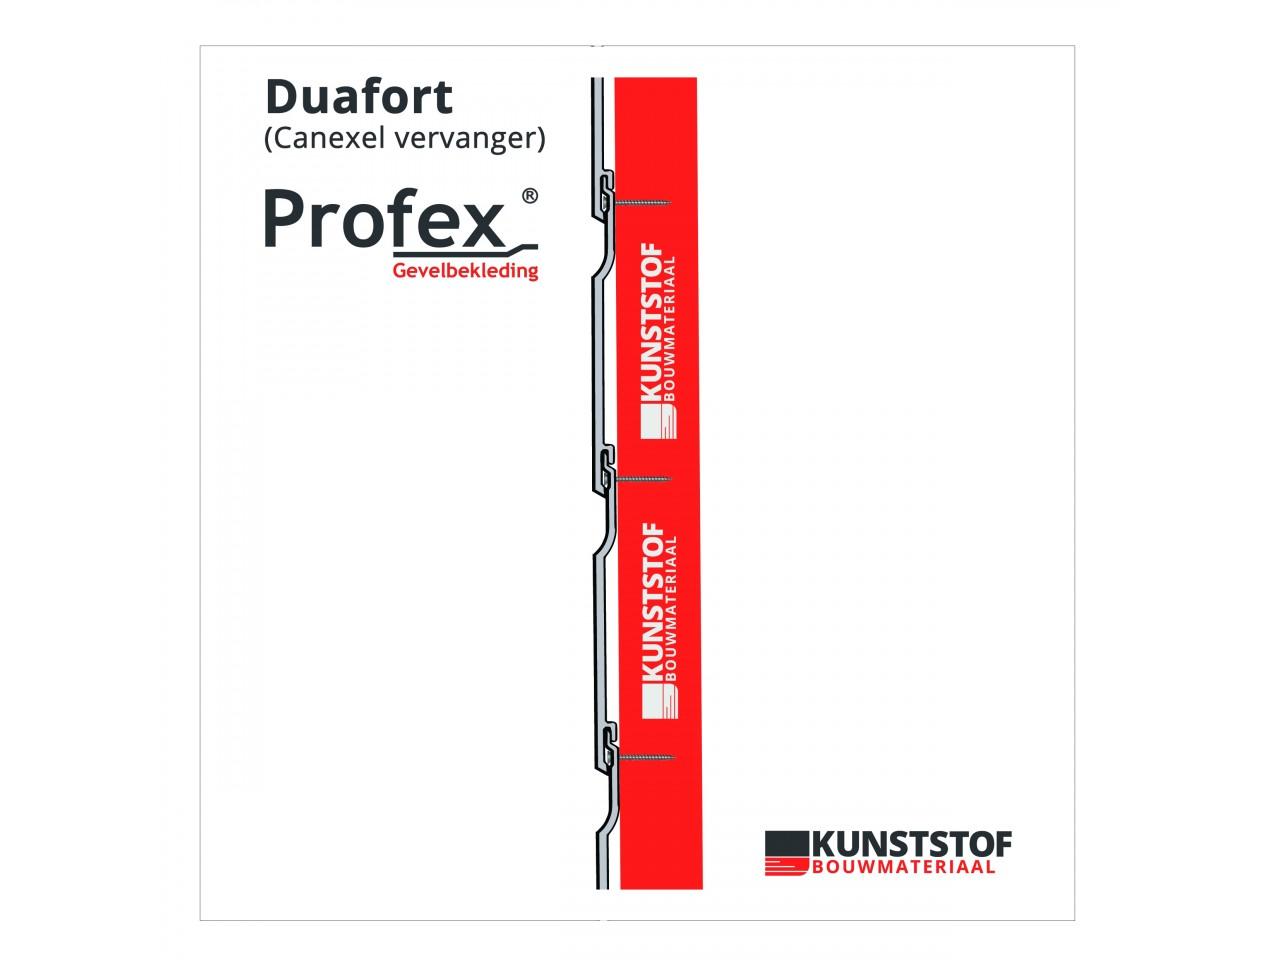 Profex Duafort canexel vervanger zijaanzicht kunststof gevelbekleding canexel vervangen kunststof bouwmateriaal